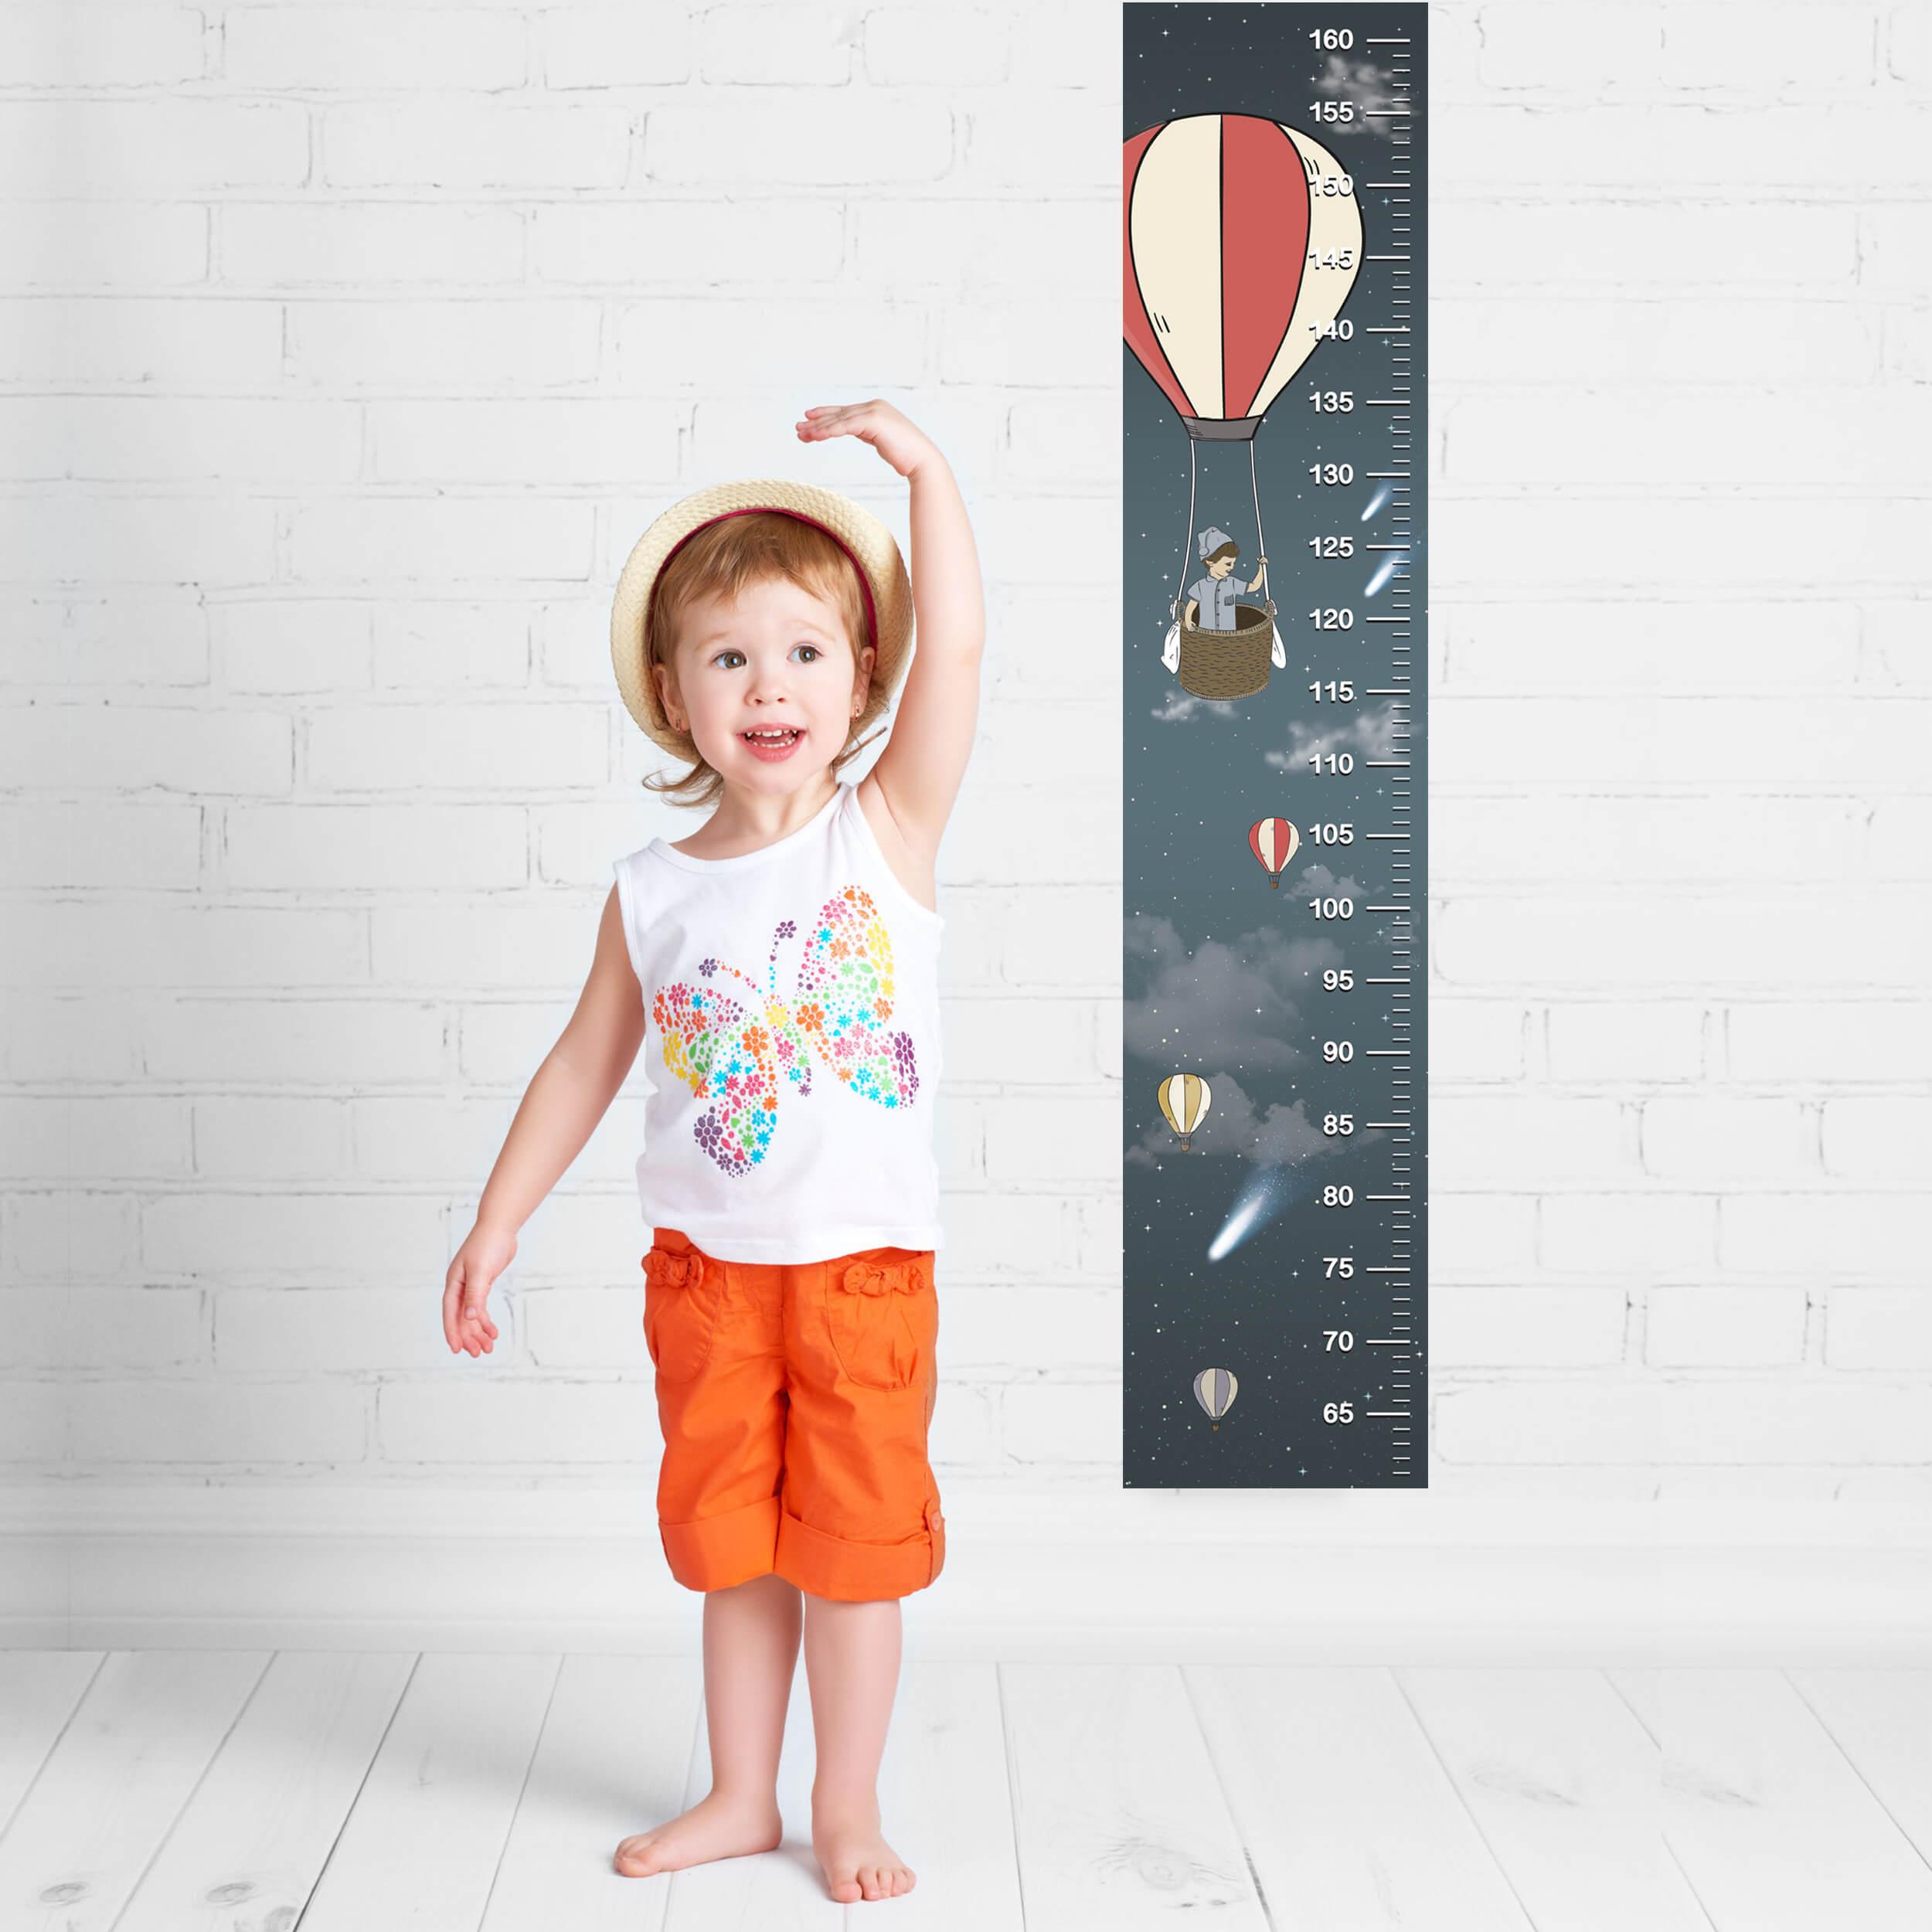 מד גובה לילדים כדור פורח מדבקה